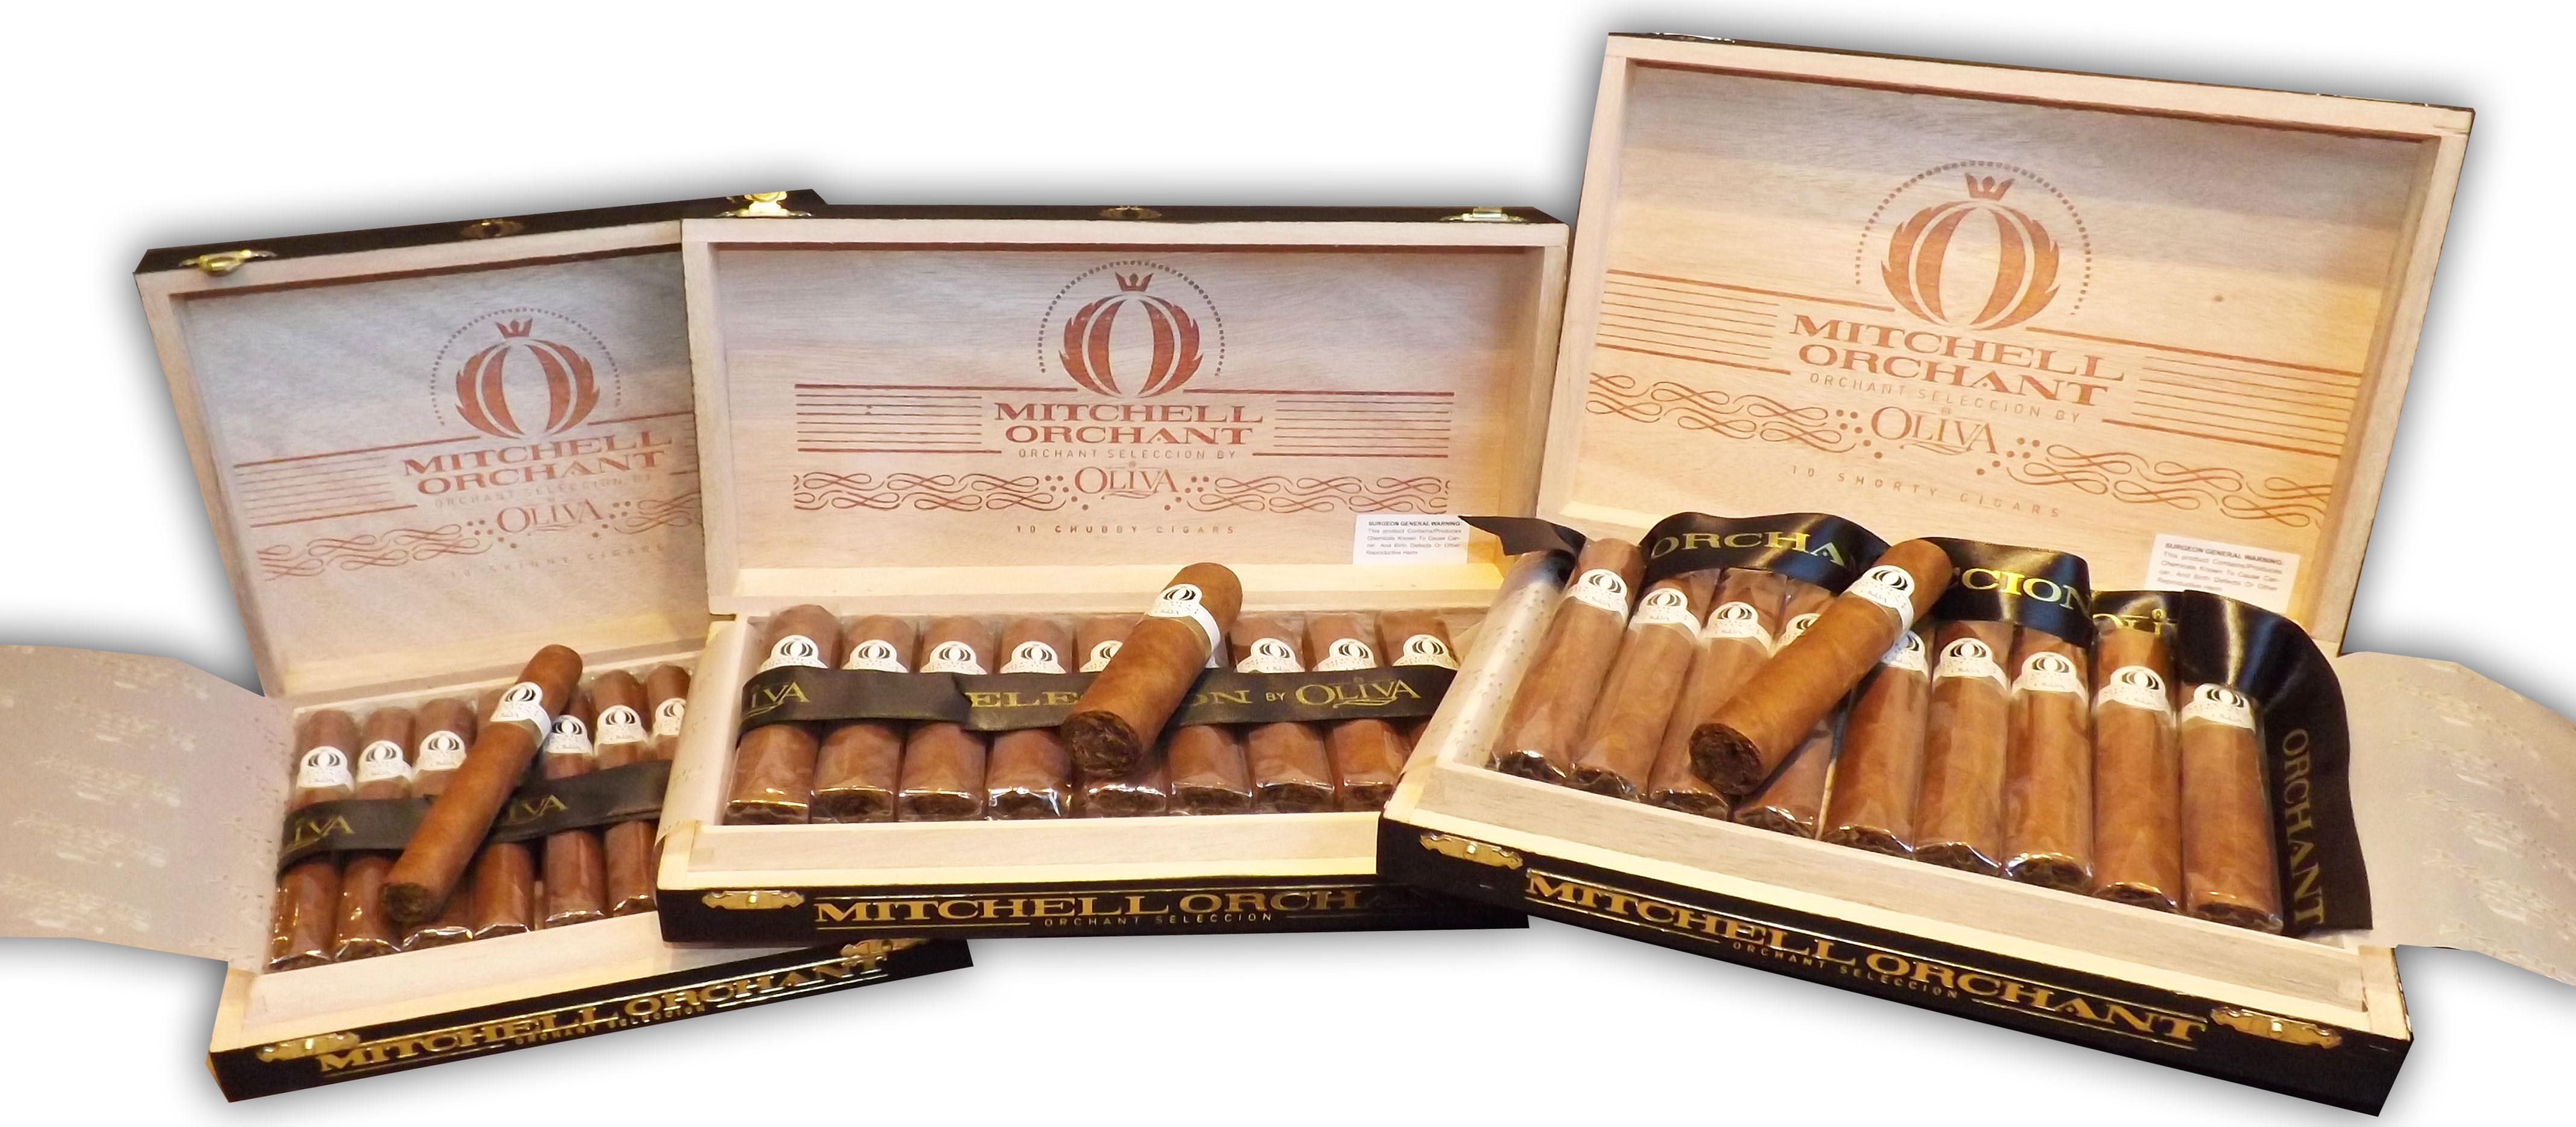 Oliva Orchant Seleccion Cigars